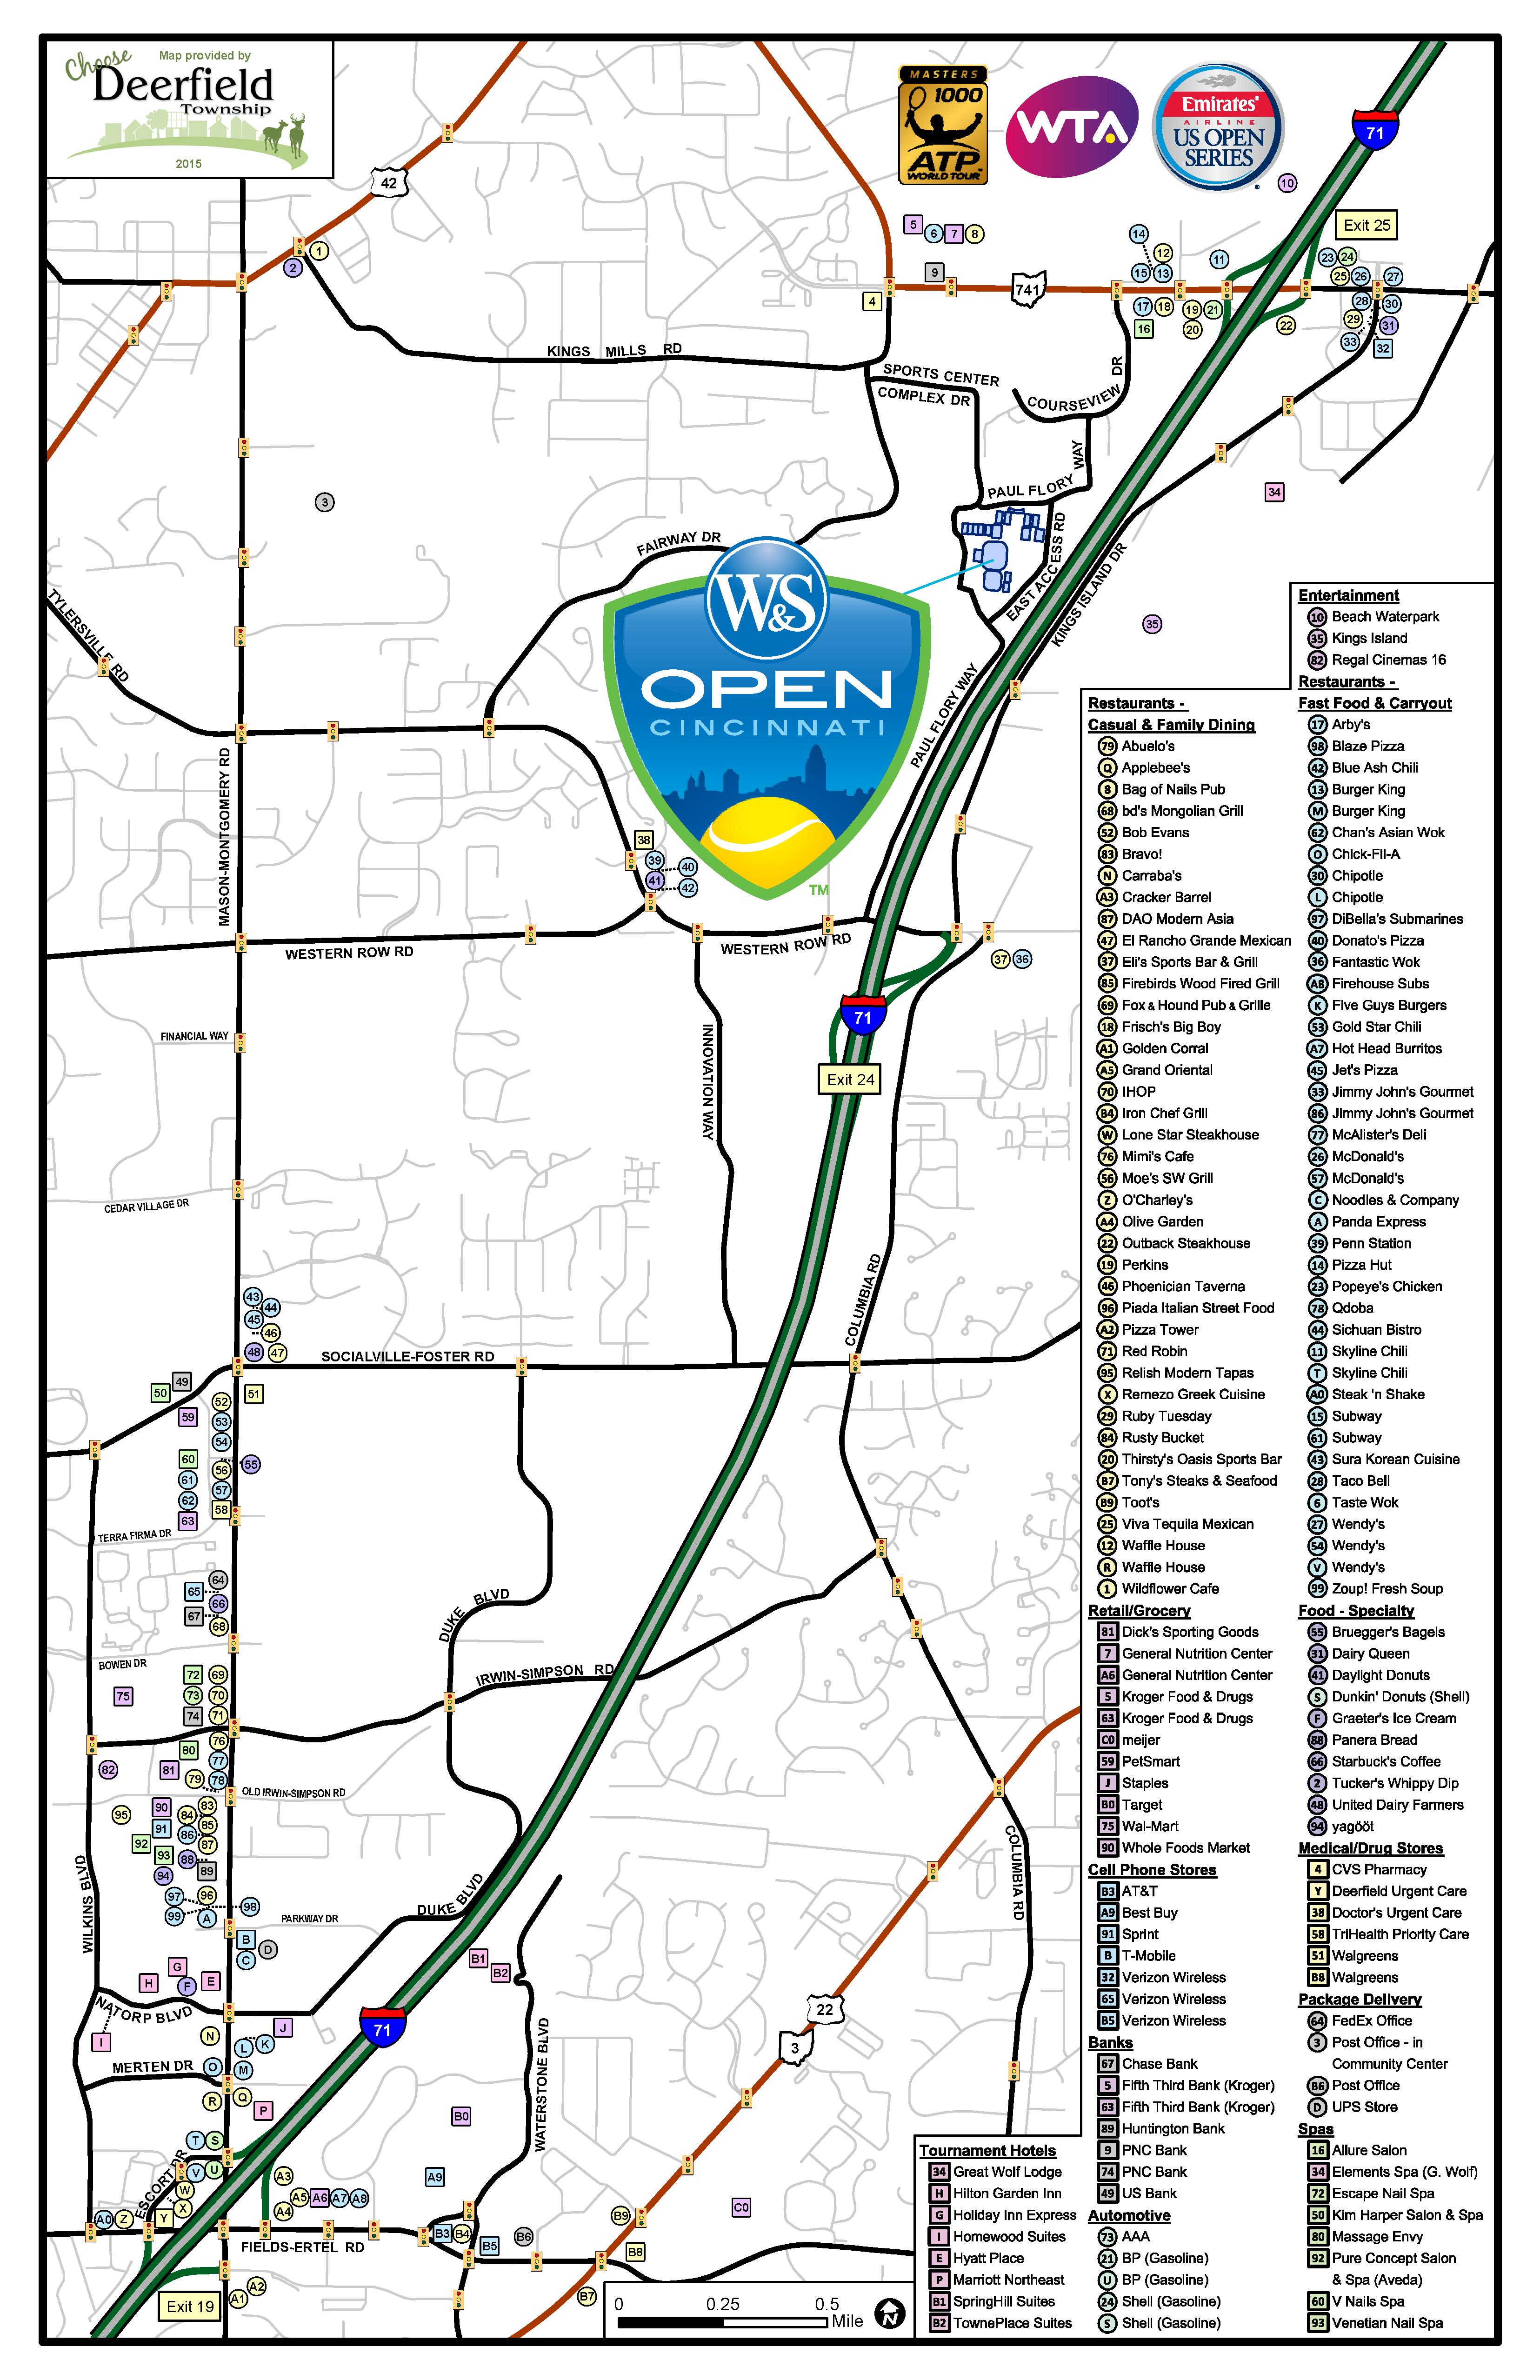 cincy_tennis_area_map_2015